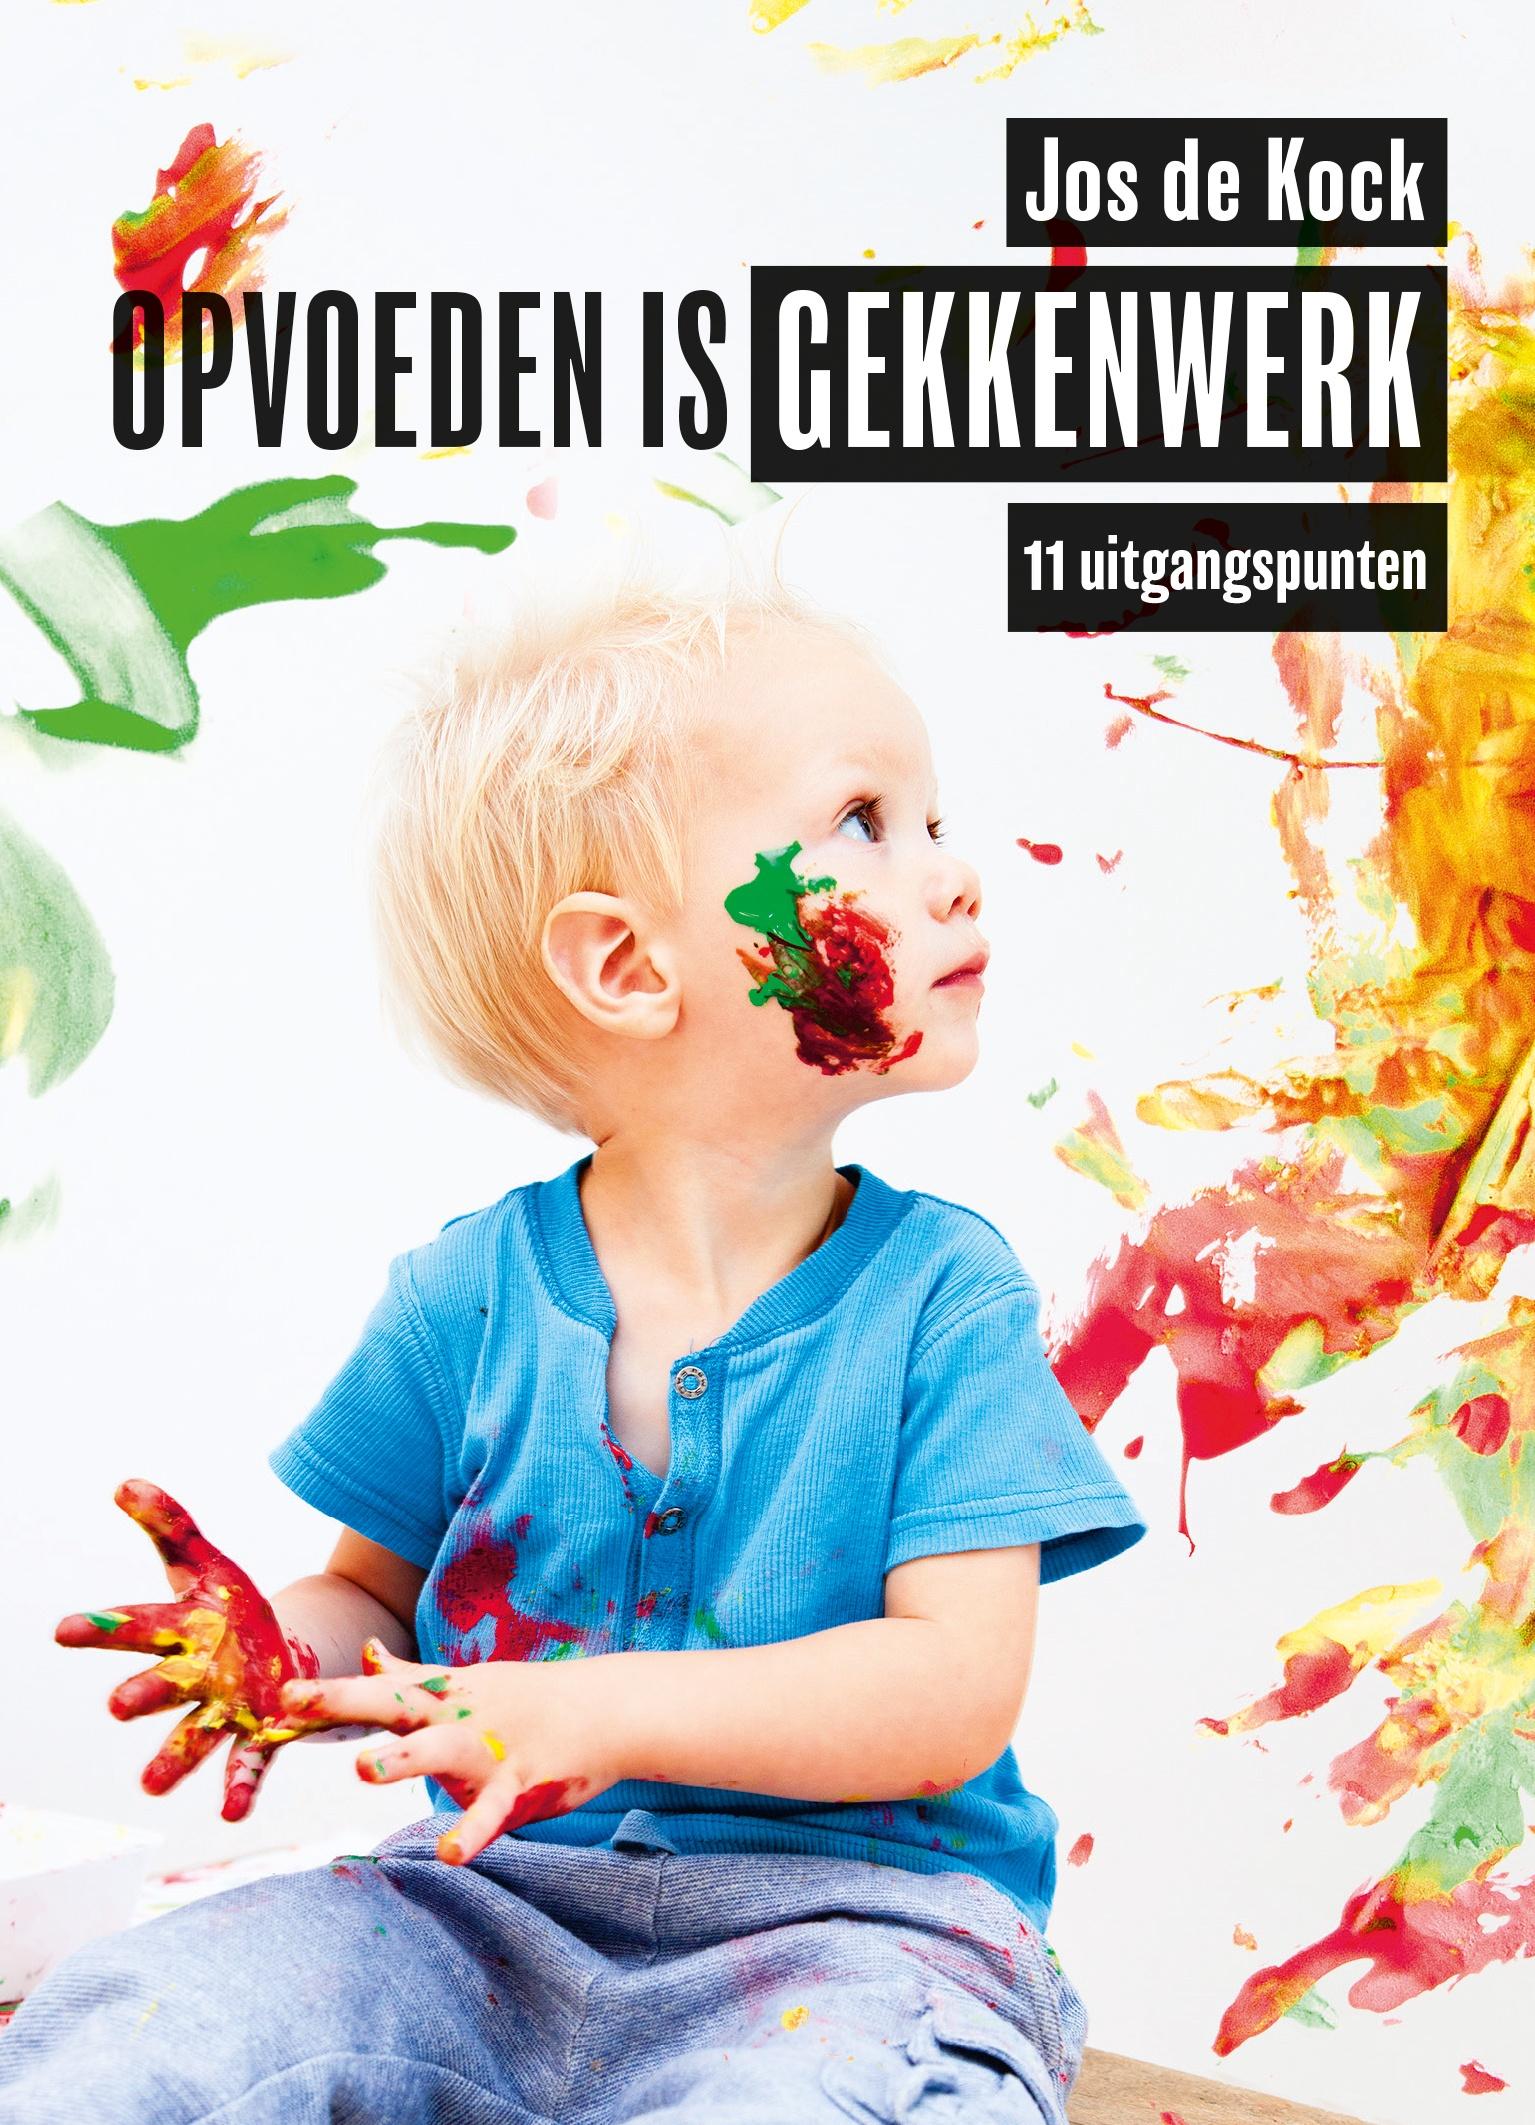 Review: Opvoeden is gekkenwerk